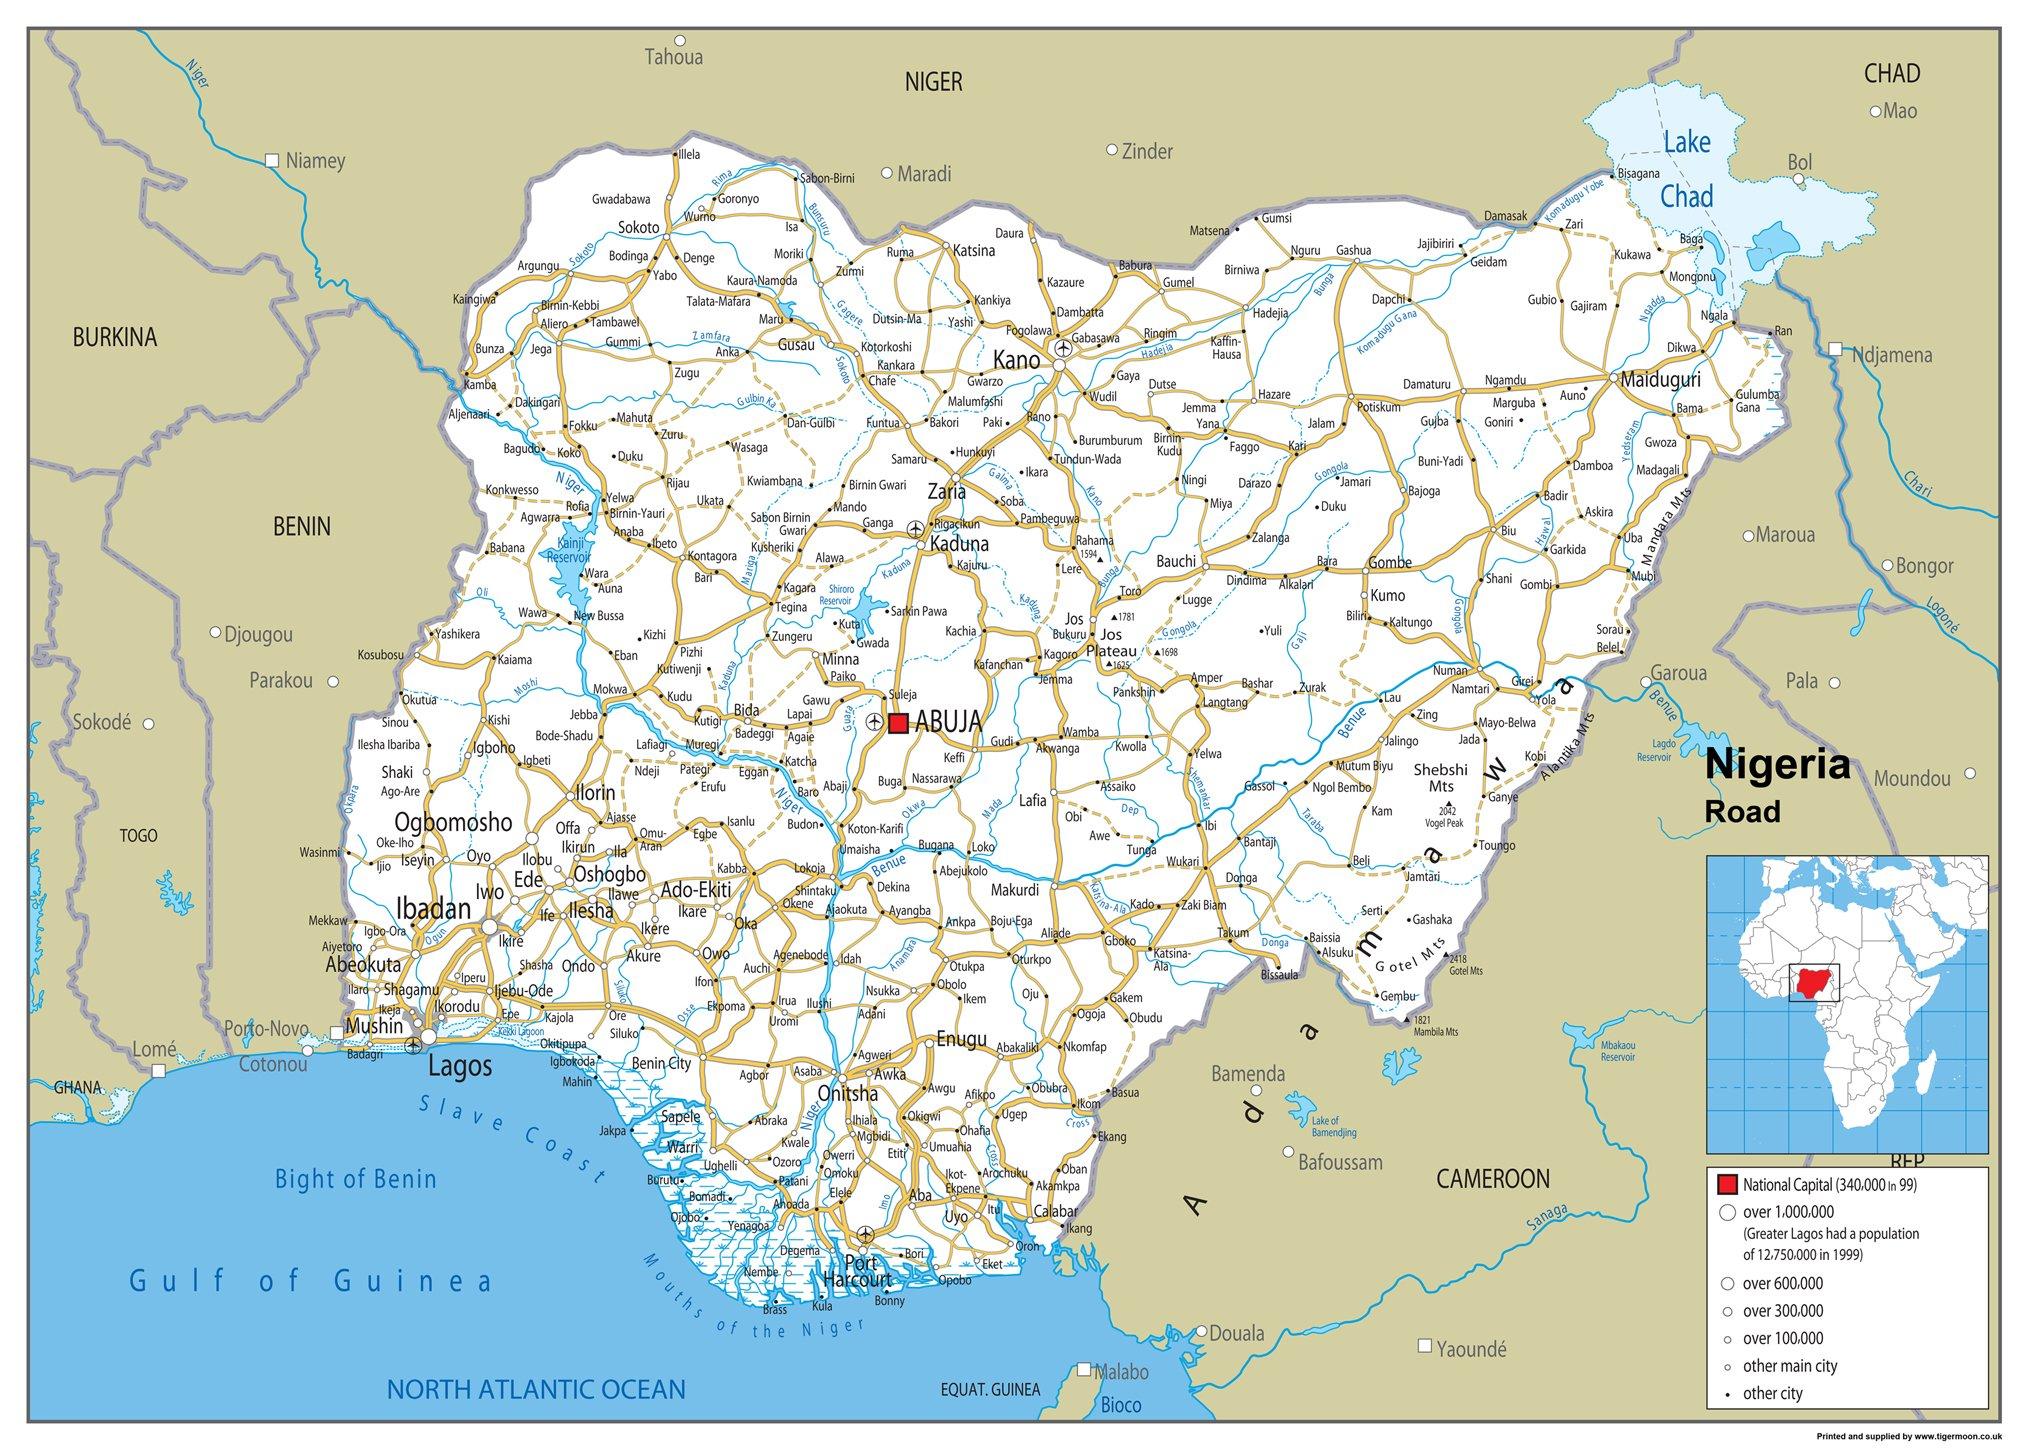 Nigeria Mapa mural de carretera – Papel laminado [ga] A1 Size 59.4 x 84.1 cm: Amazon.es: Oficina y papelería